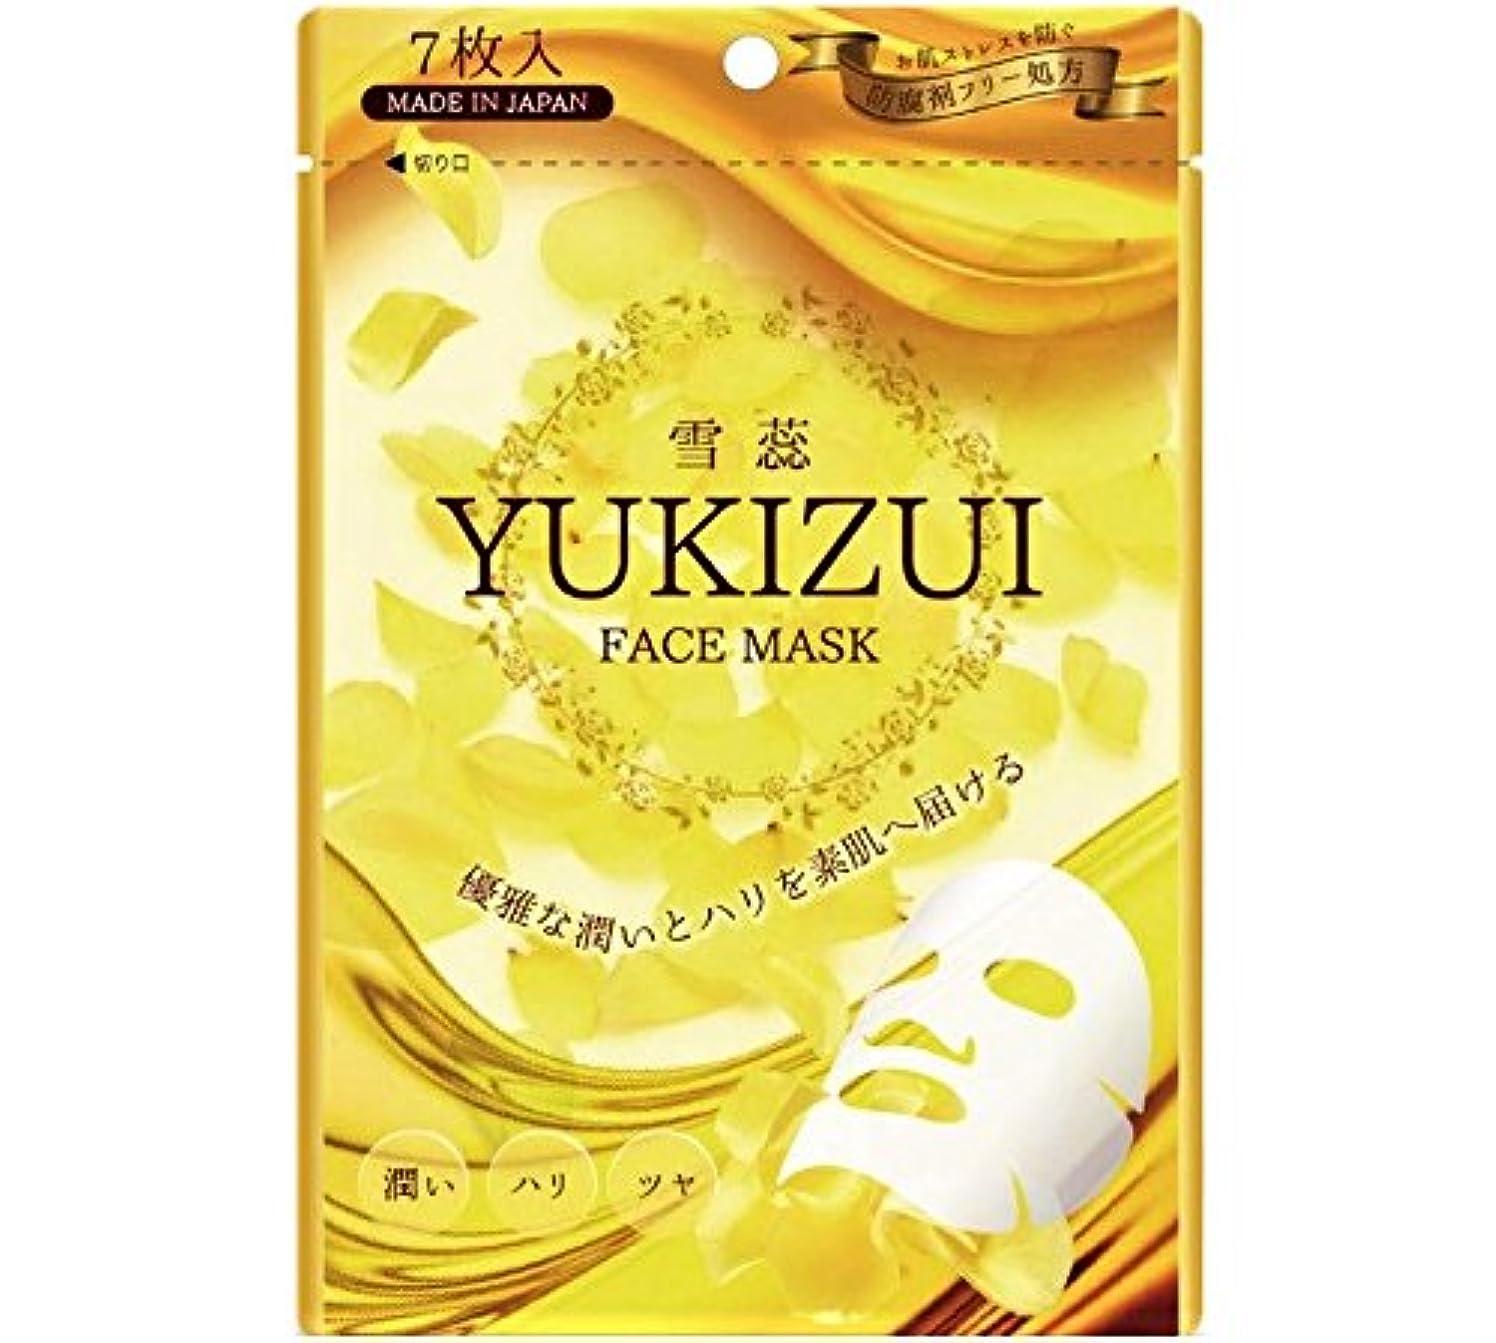 お父さん小売軸雪蕊 YUKIZUI フェイスマスク 防腐剤フリー 天然コットン使用でふんわり密着感 7枚入